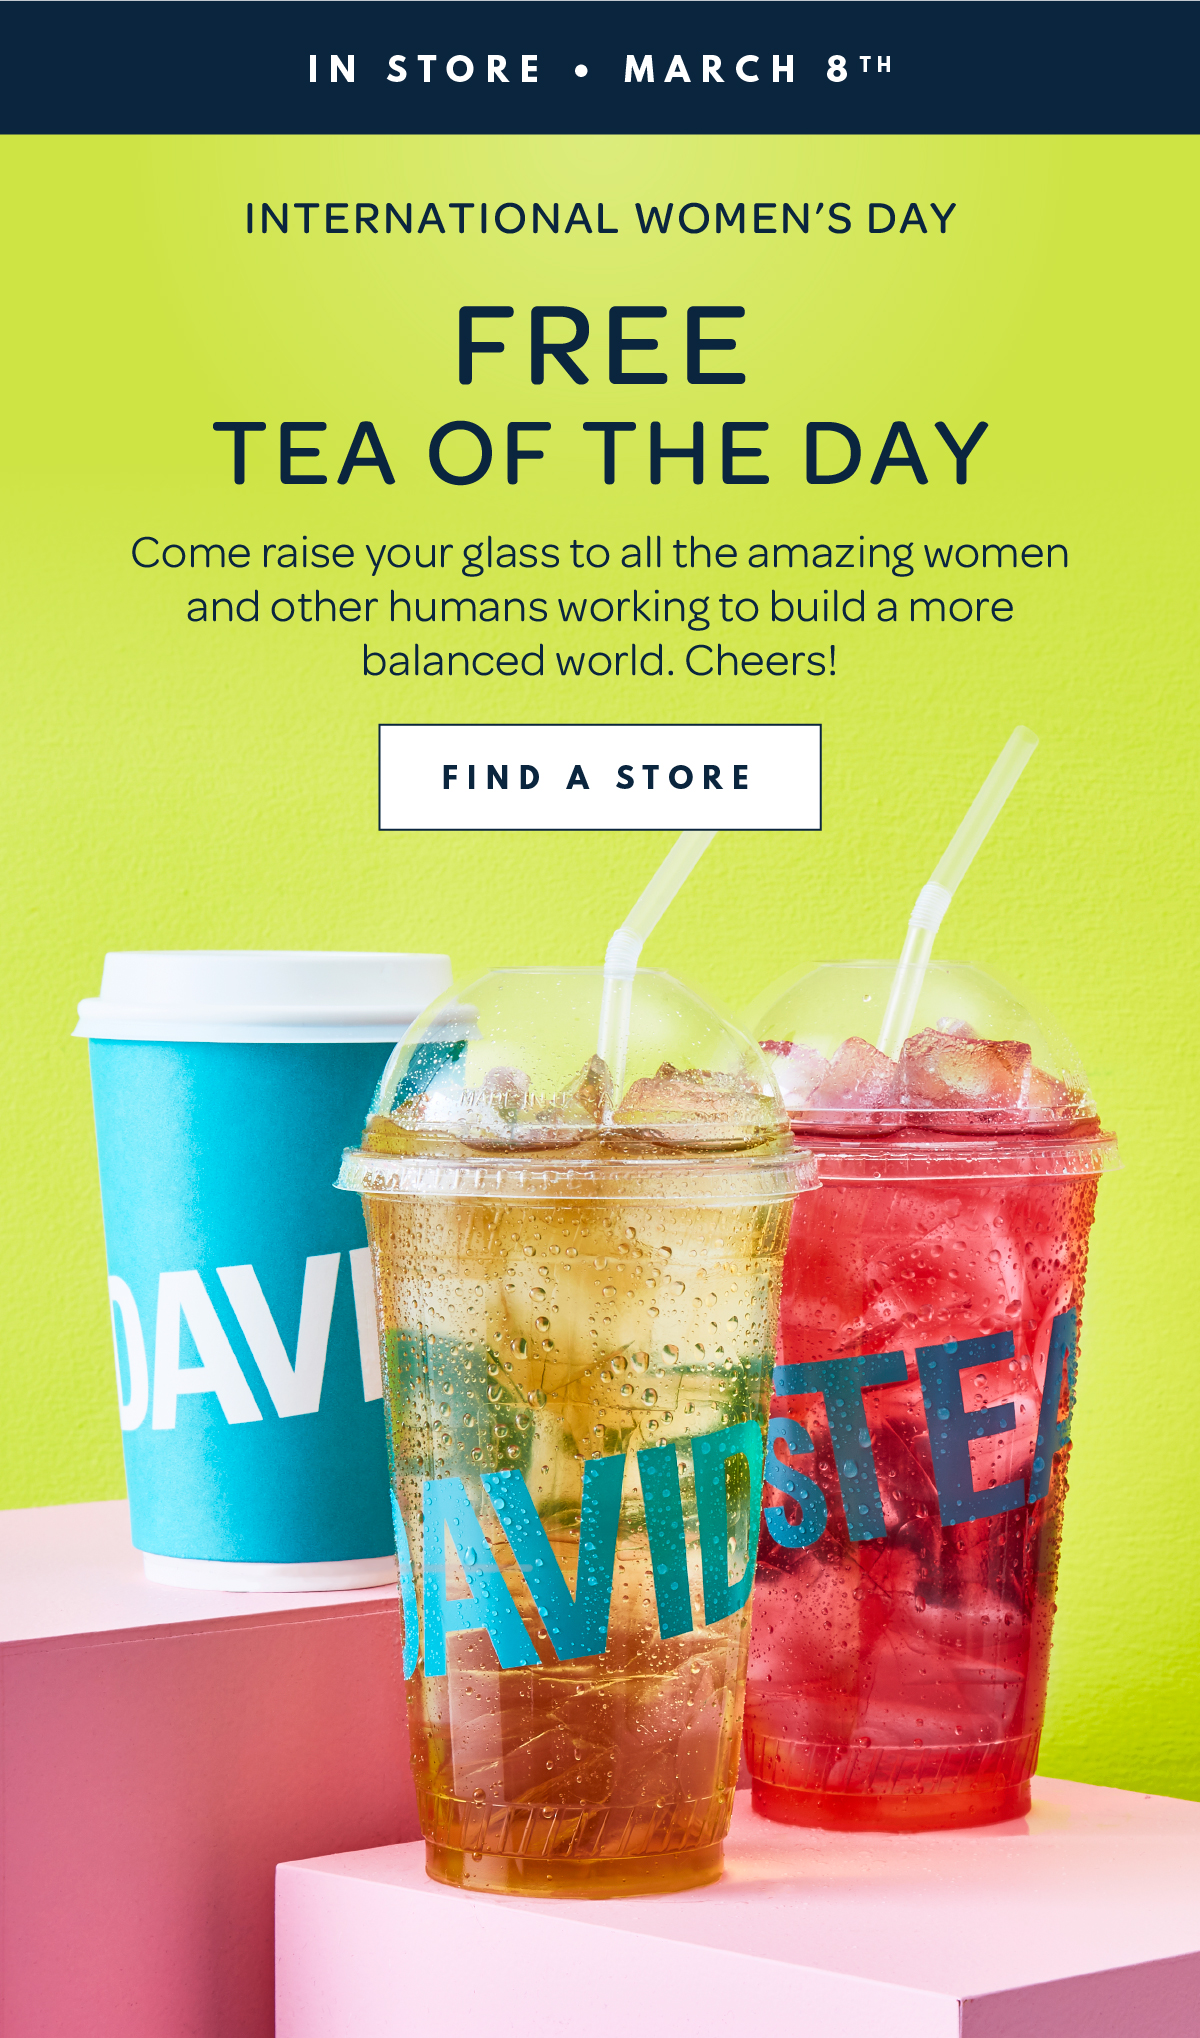 David's Tea:免費茶贈飲(只限女士)